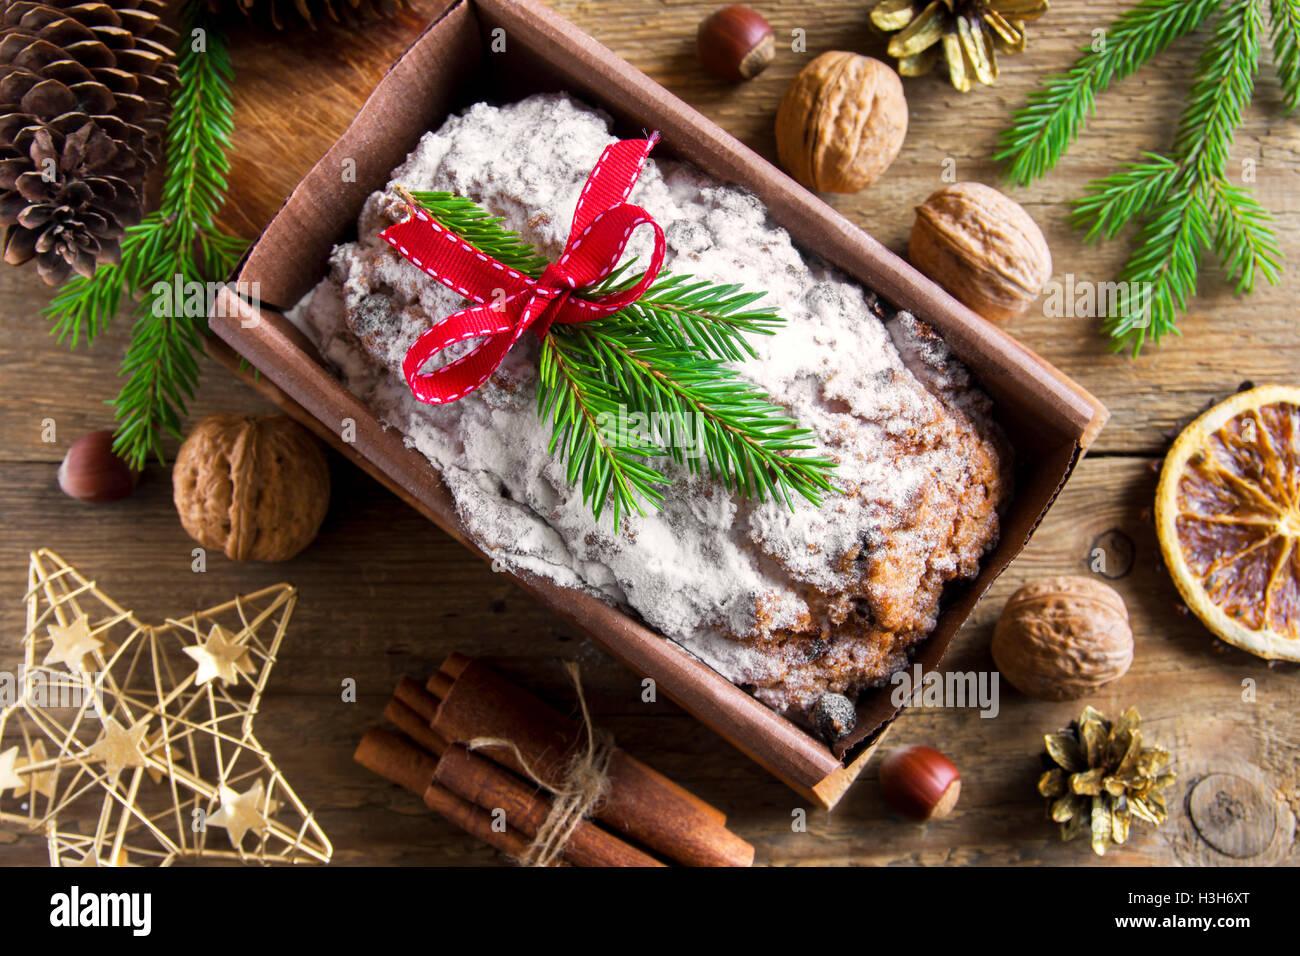 Torta di frutta tradizionali per il Natale con ornamenti e decorazioni in casa - Festa di Natale pasrty Immagini Stock